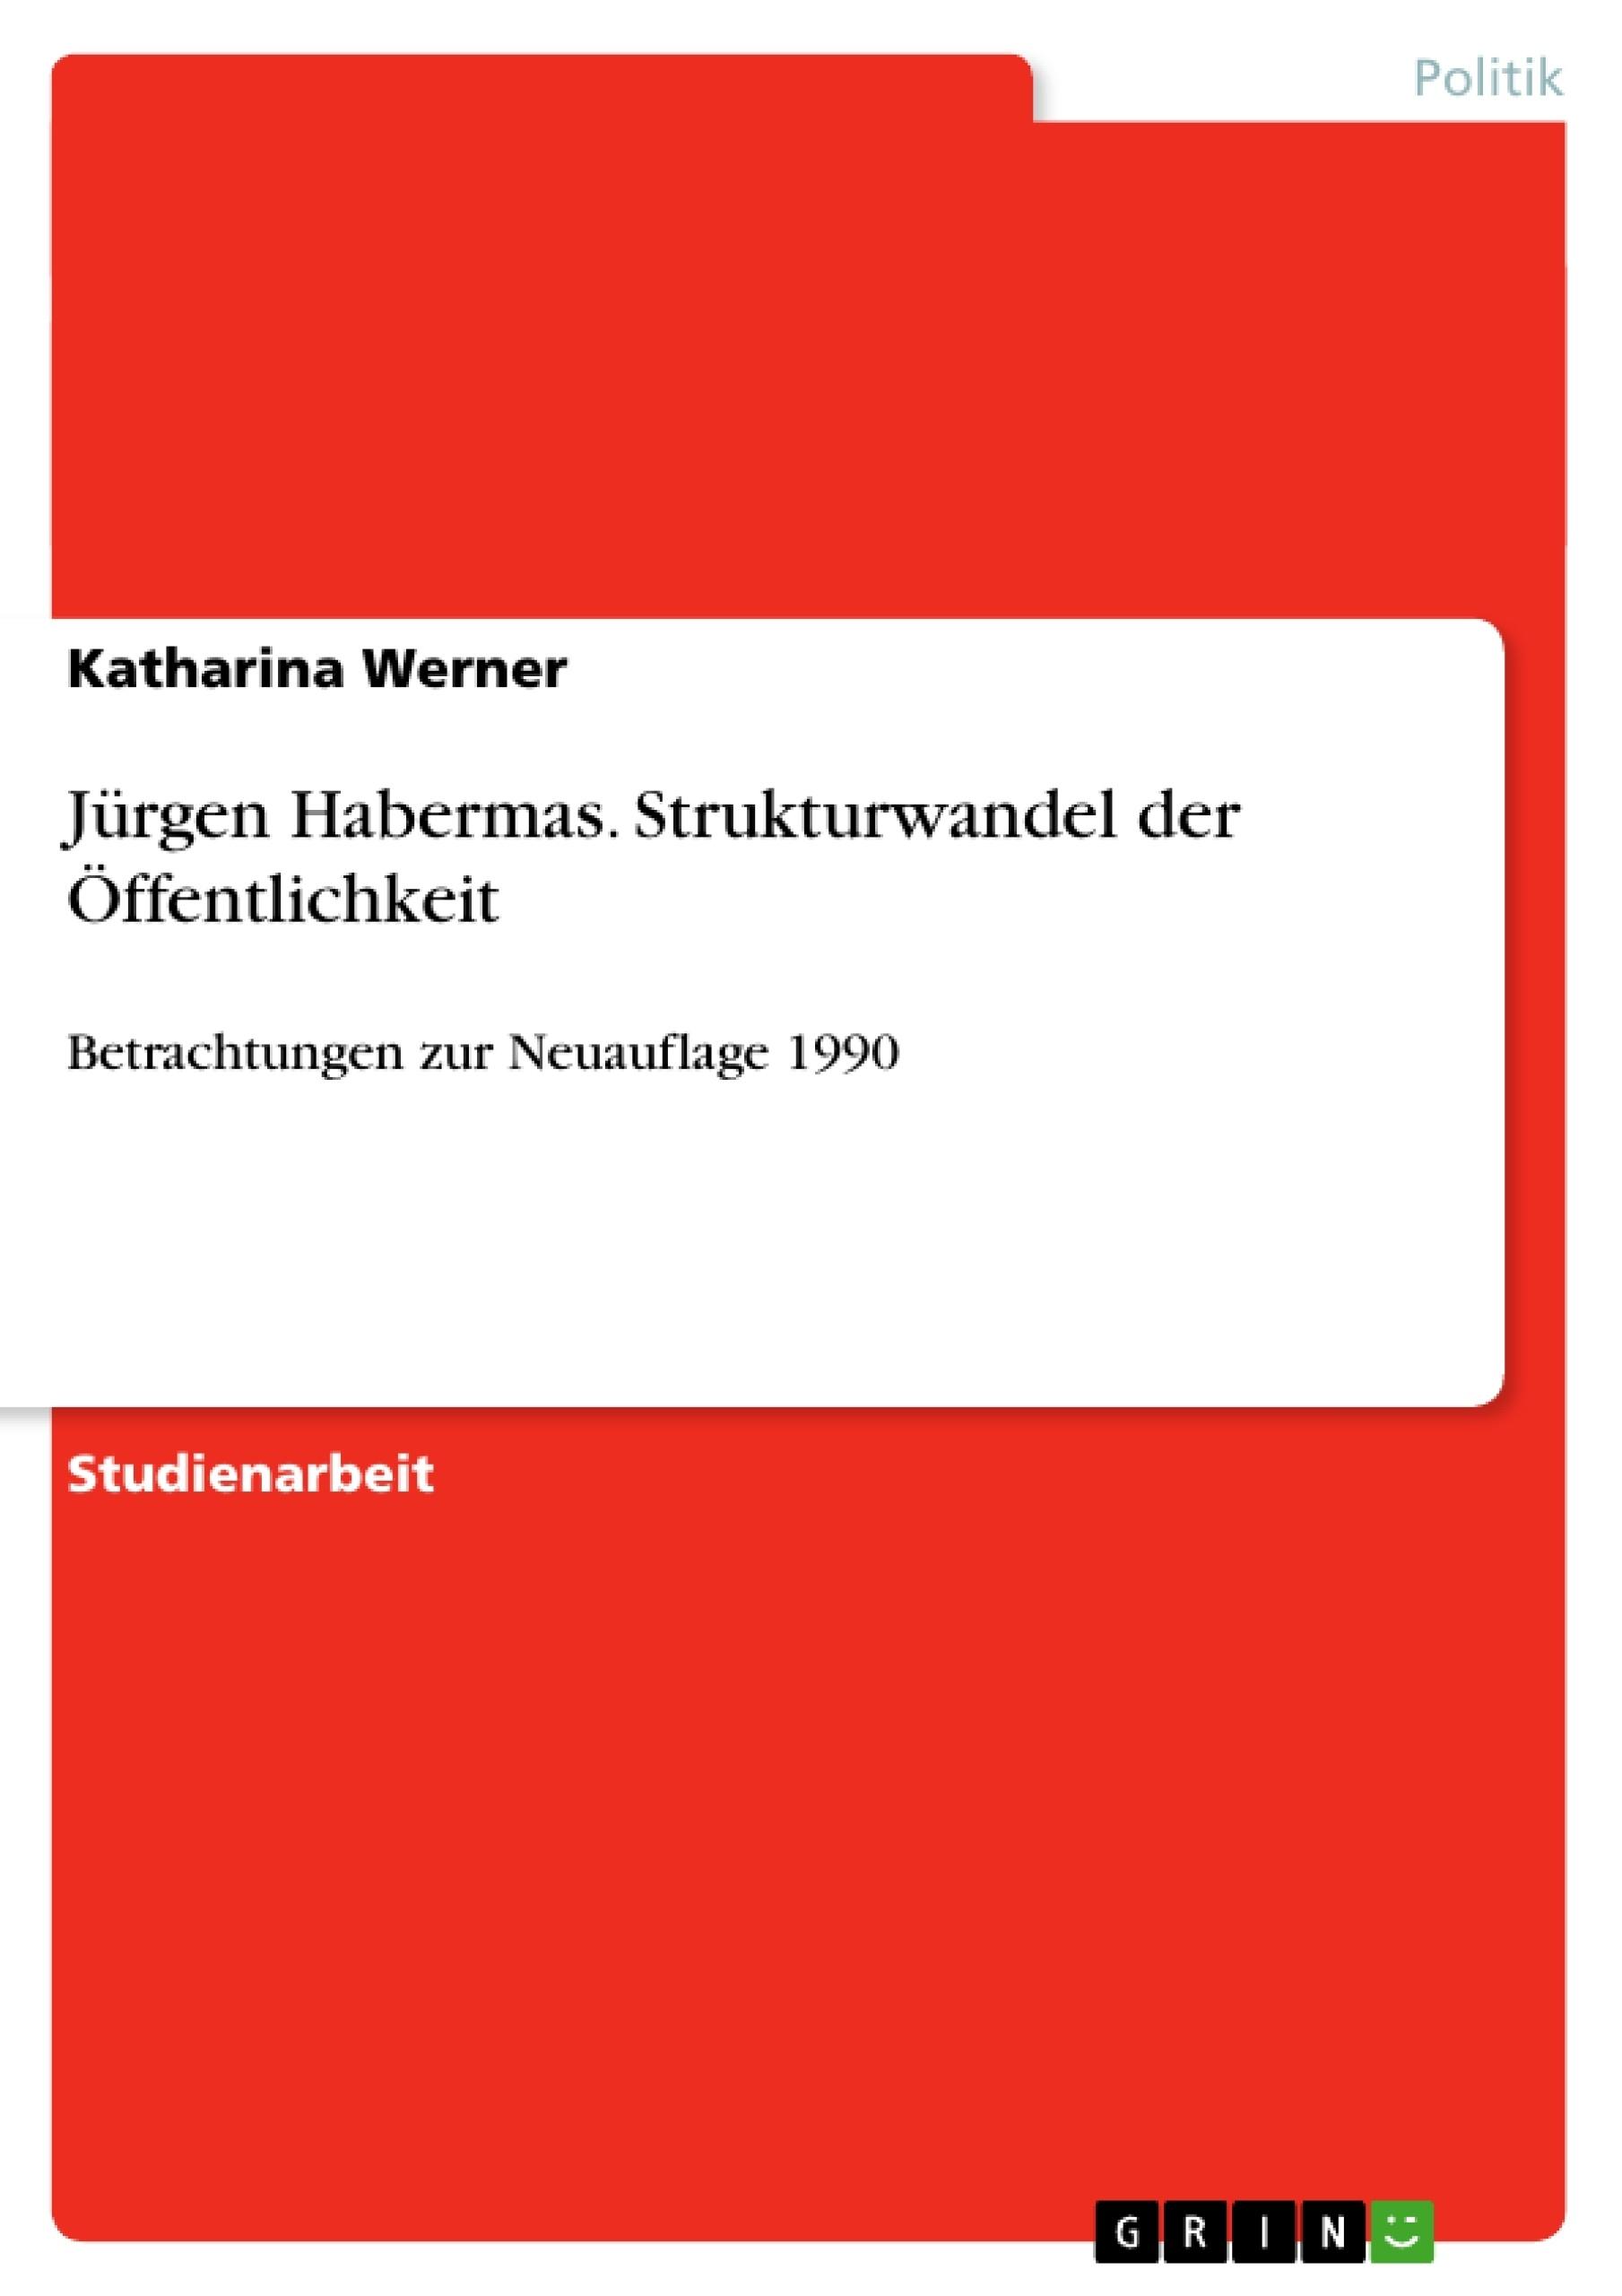 Titel: Jürgen Habermas. Strukturwandel der Öffentlichkeit